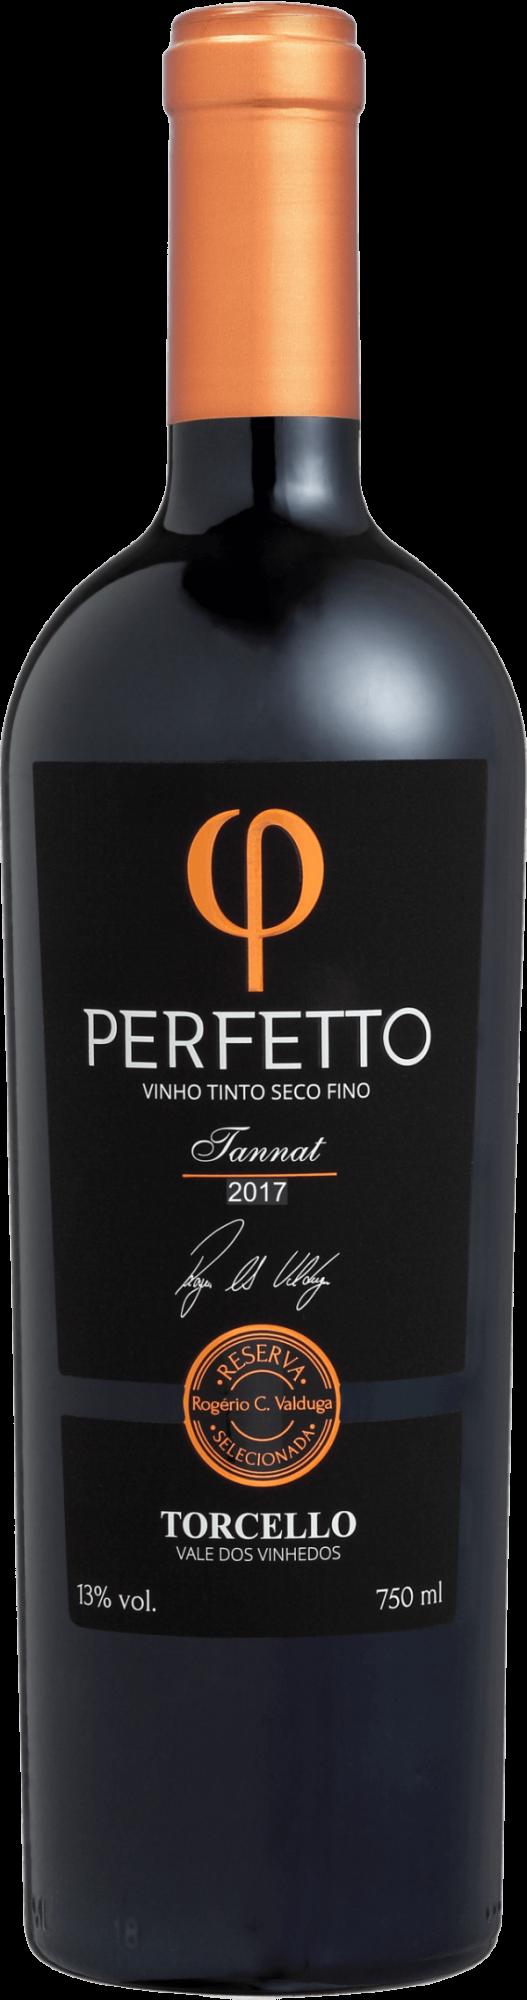 Vinho Tinto Brasileiro Torcello Perfetto Tannat 2017